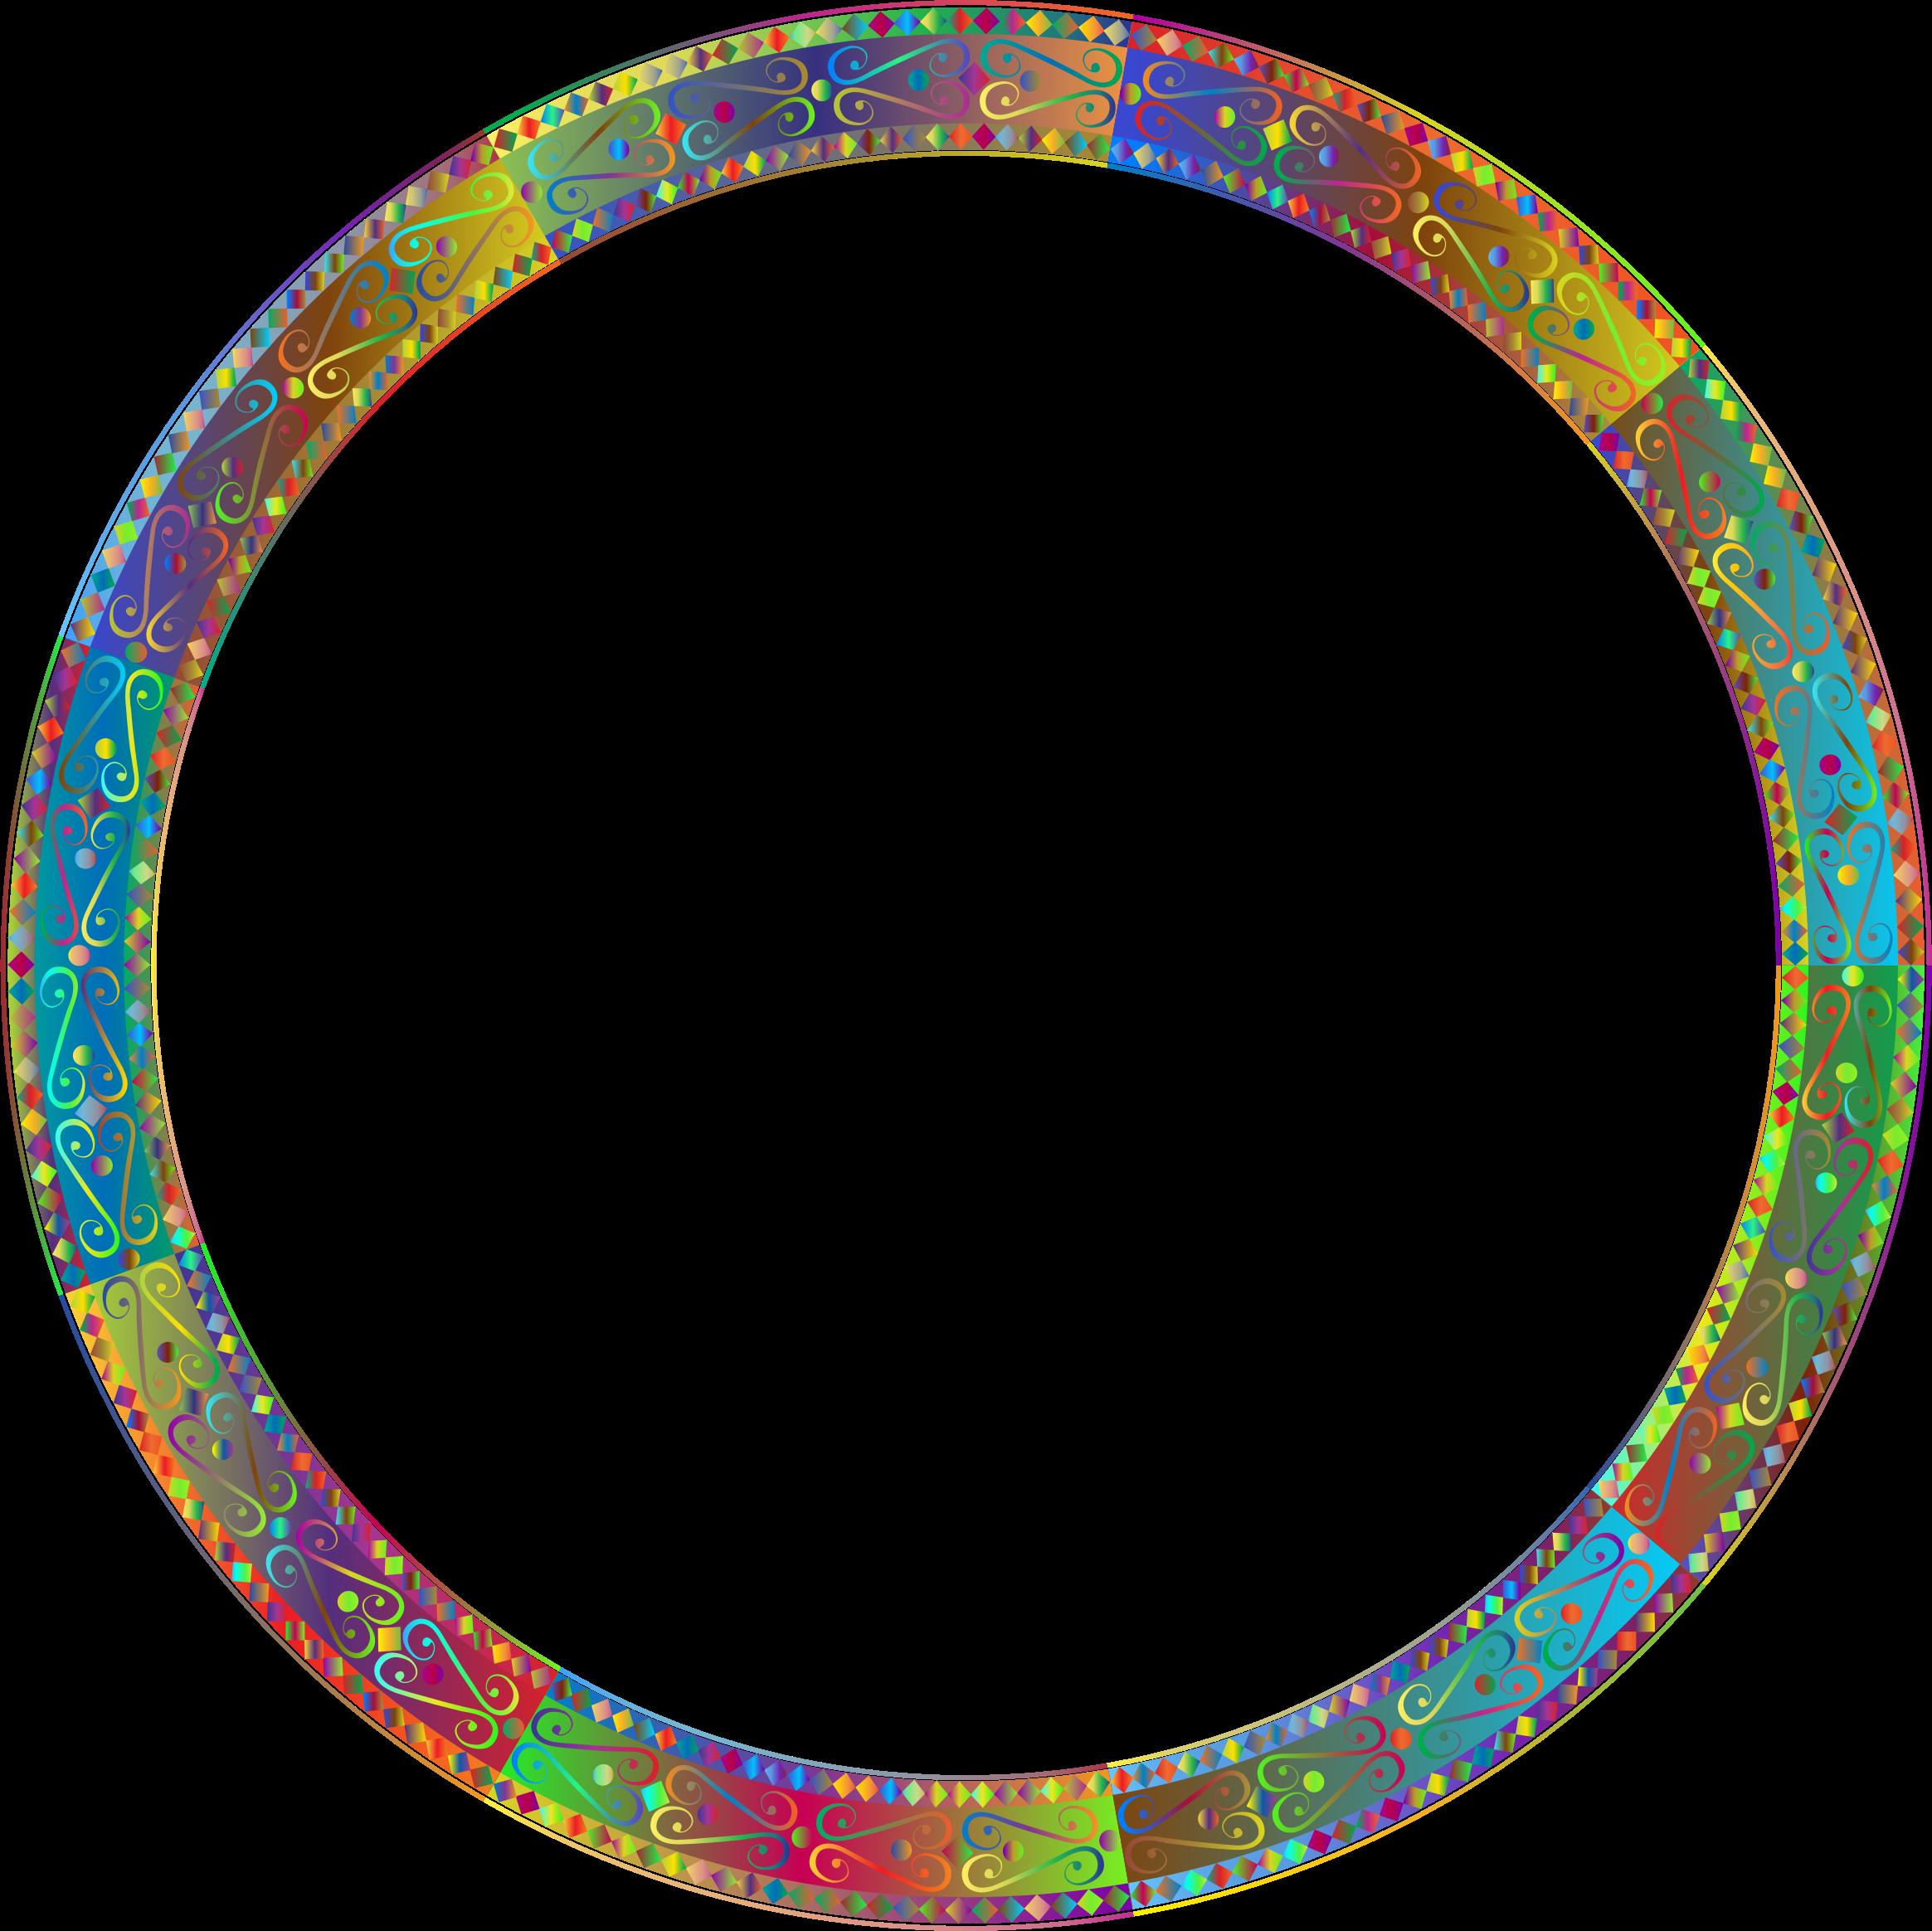 Download Round Frame Transparent HQ PNG Image   FreePNGImg